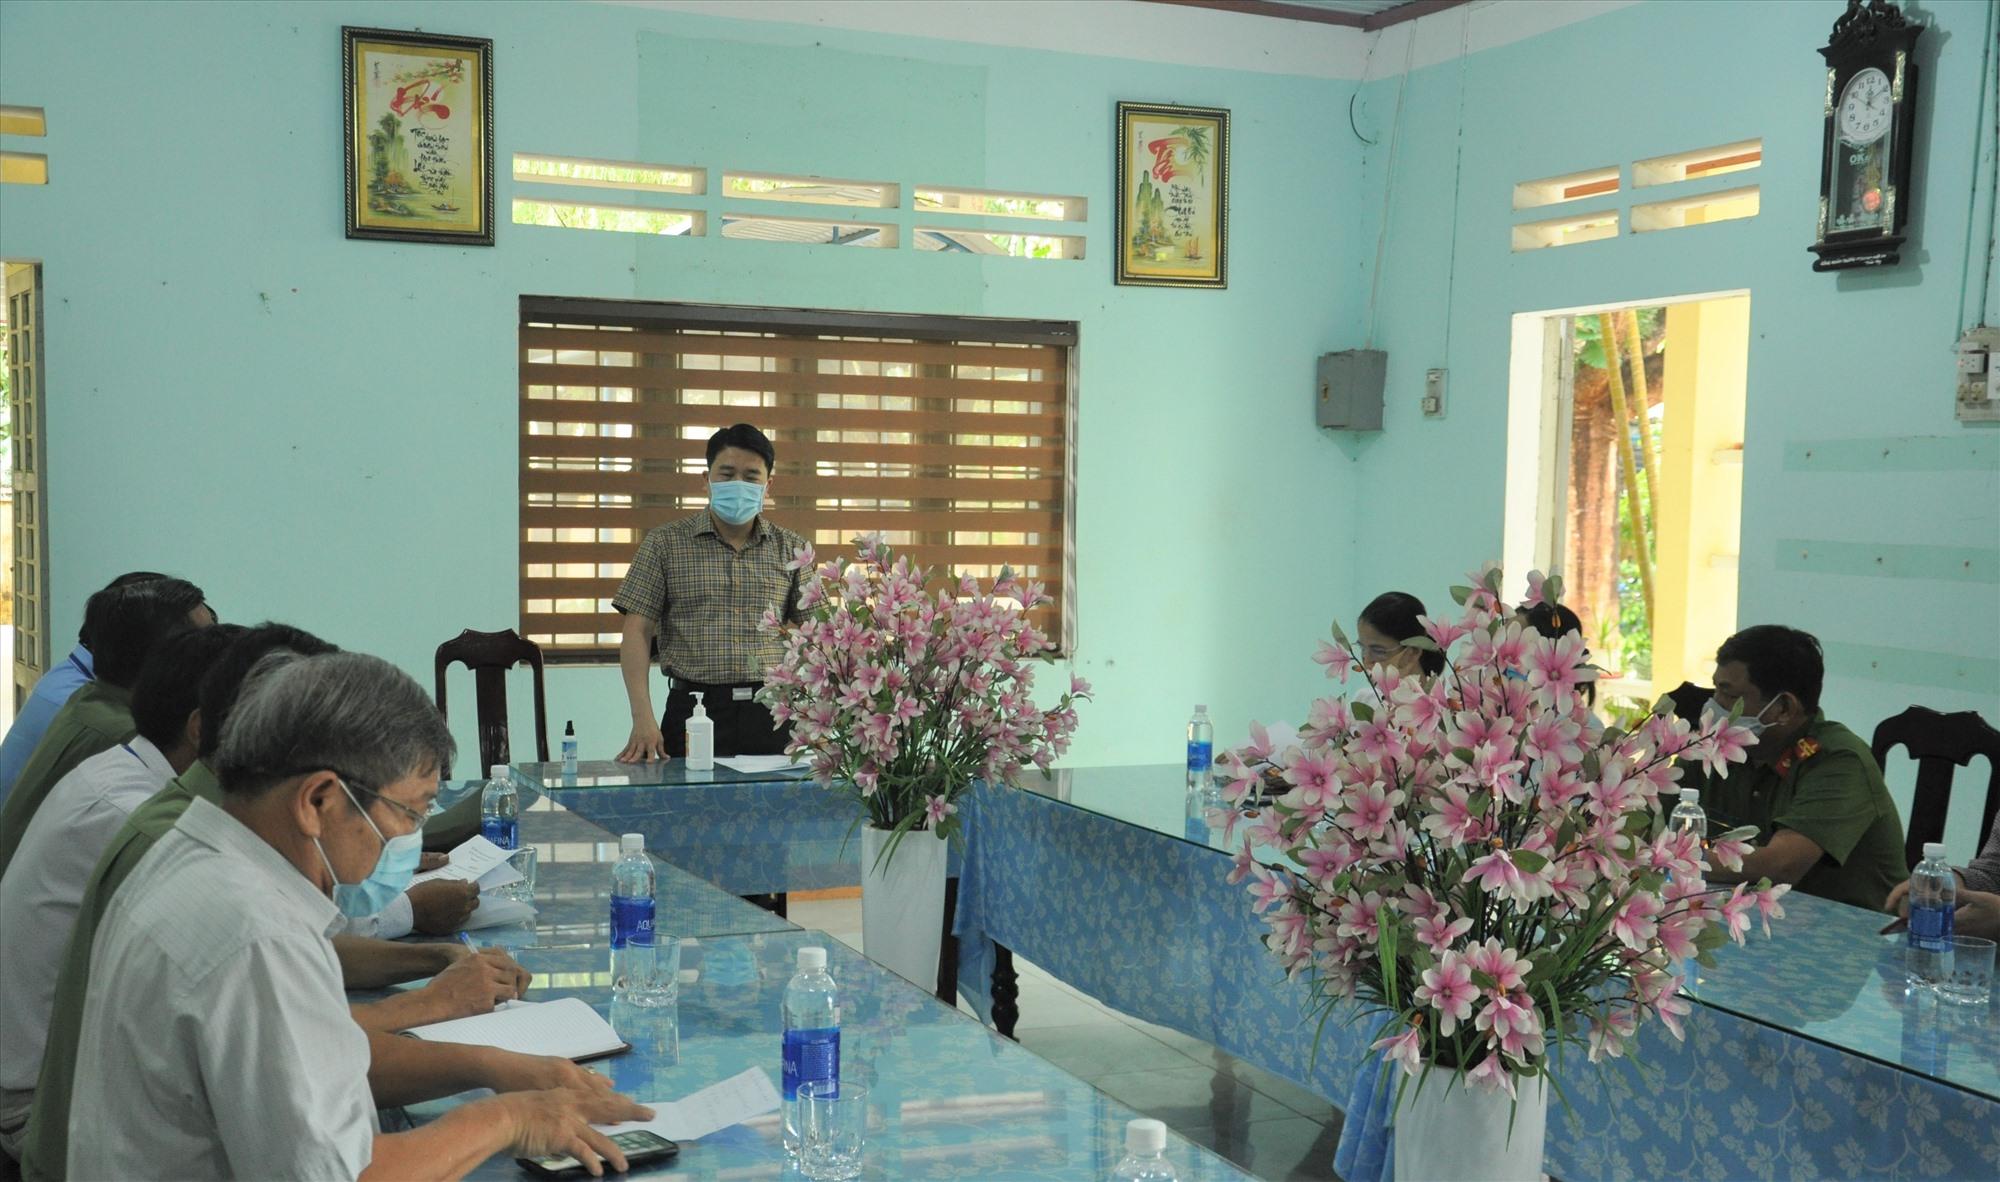 Phó Chủ tịch UBND tỉnh Trần Văn Tân kiểm tra tại điểm thi THPT Trần Văn Dư (Phú Ninh). Ảnh: X.P